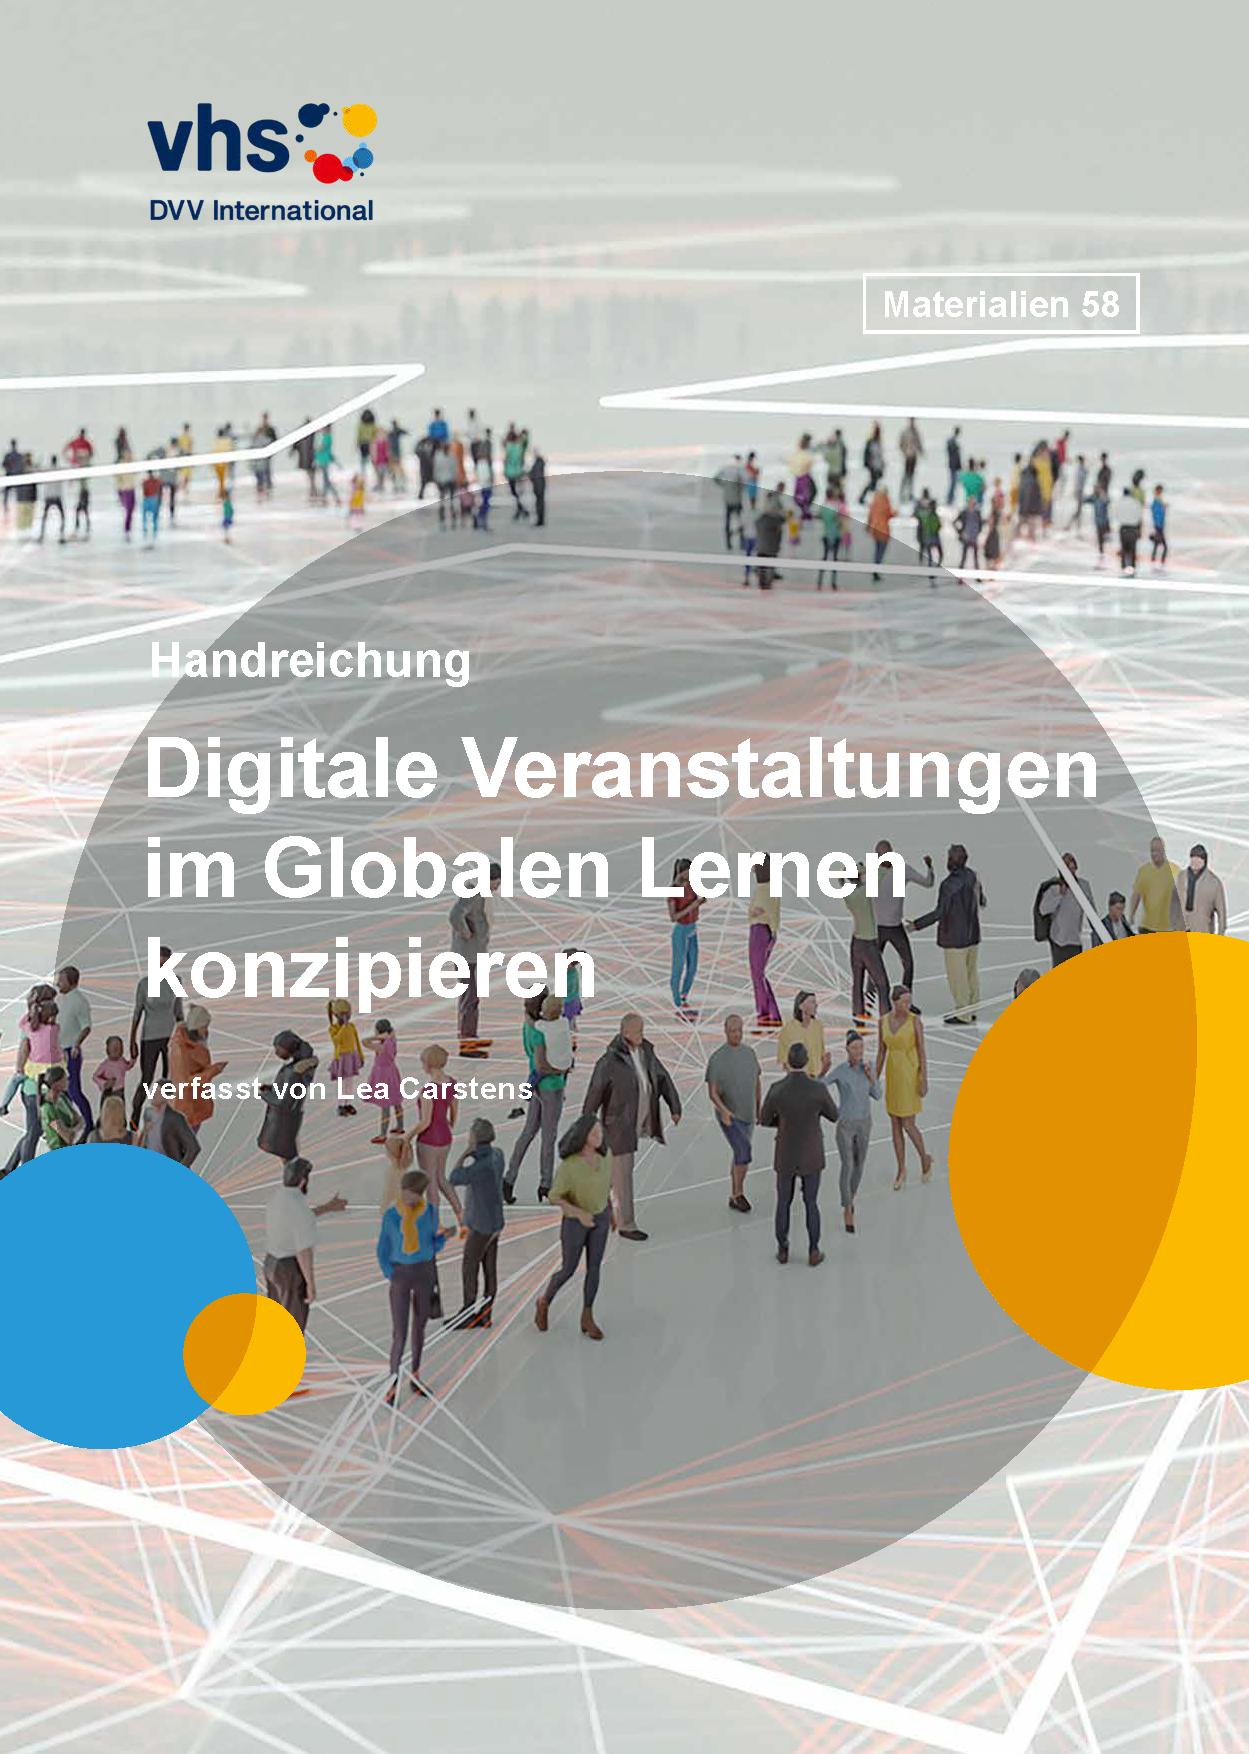 """Titelseite Handreichung """"Digitale Veranstaltungen im Globalen Lernen konzipieren"""". Quelle: DVV International"""